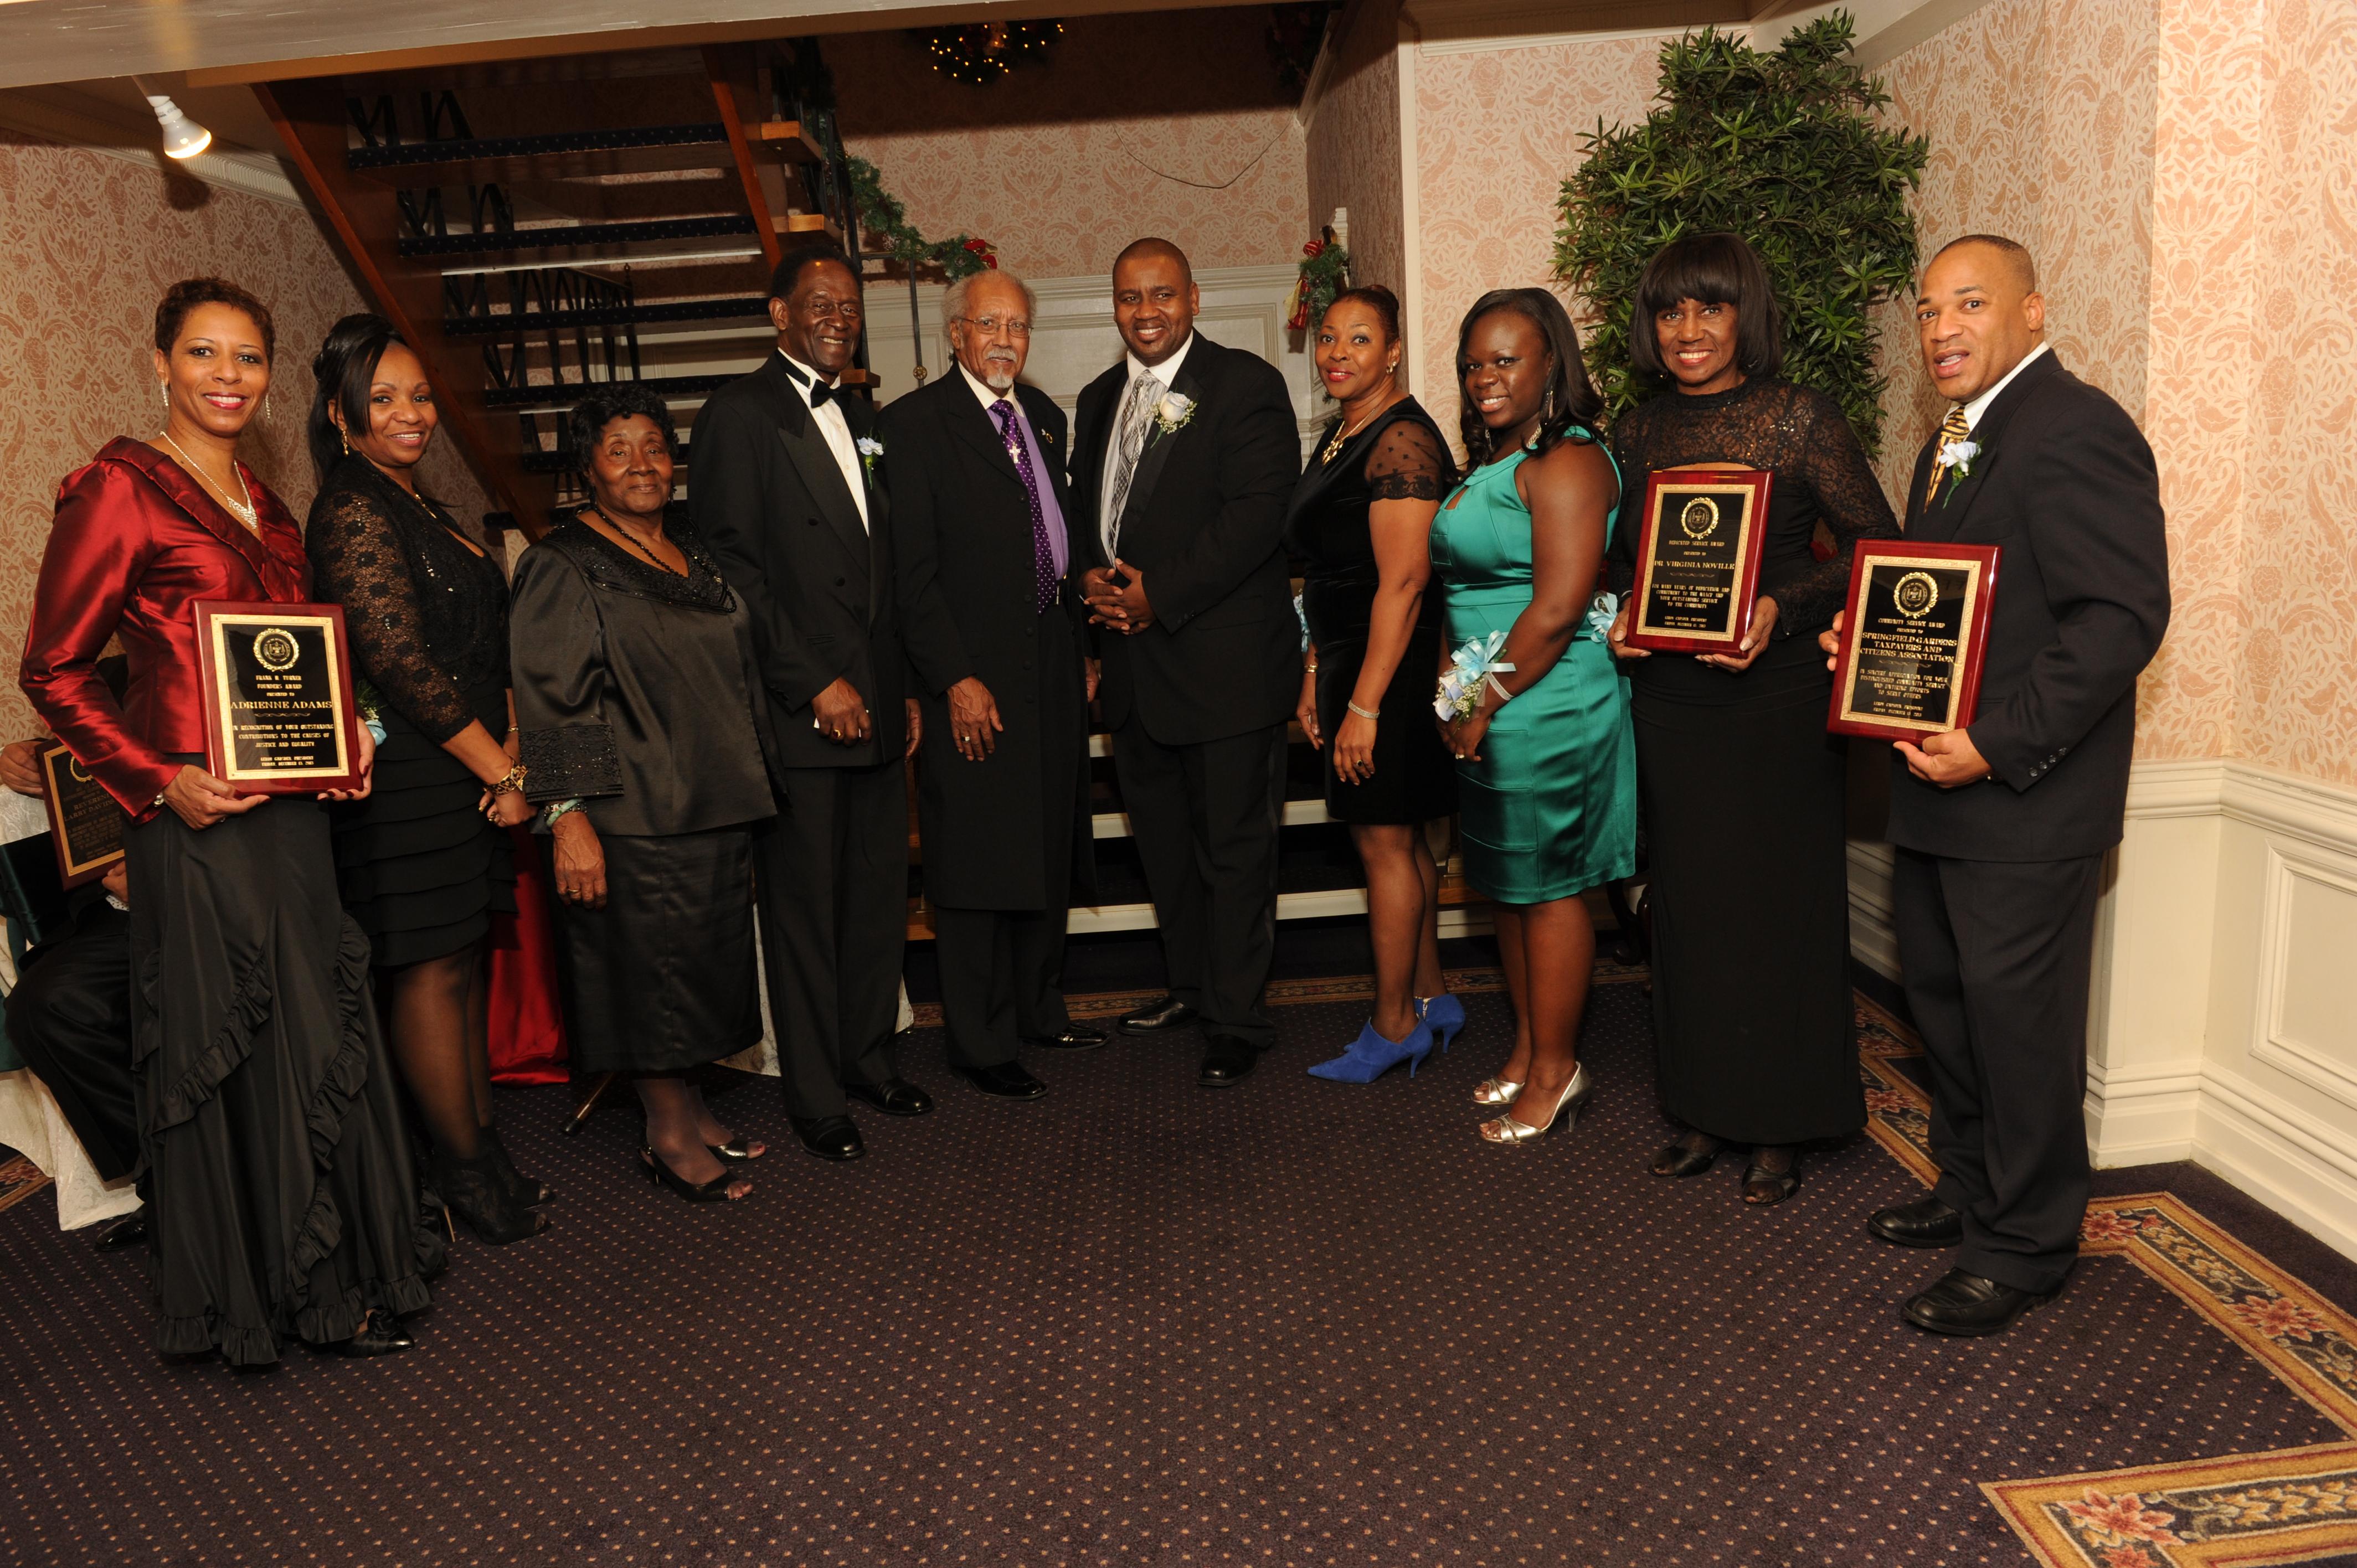 2013 Dinner Dance Honorees